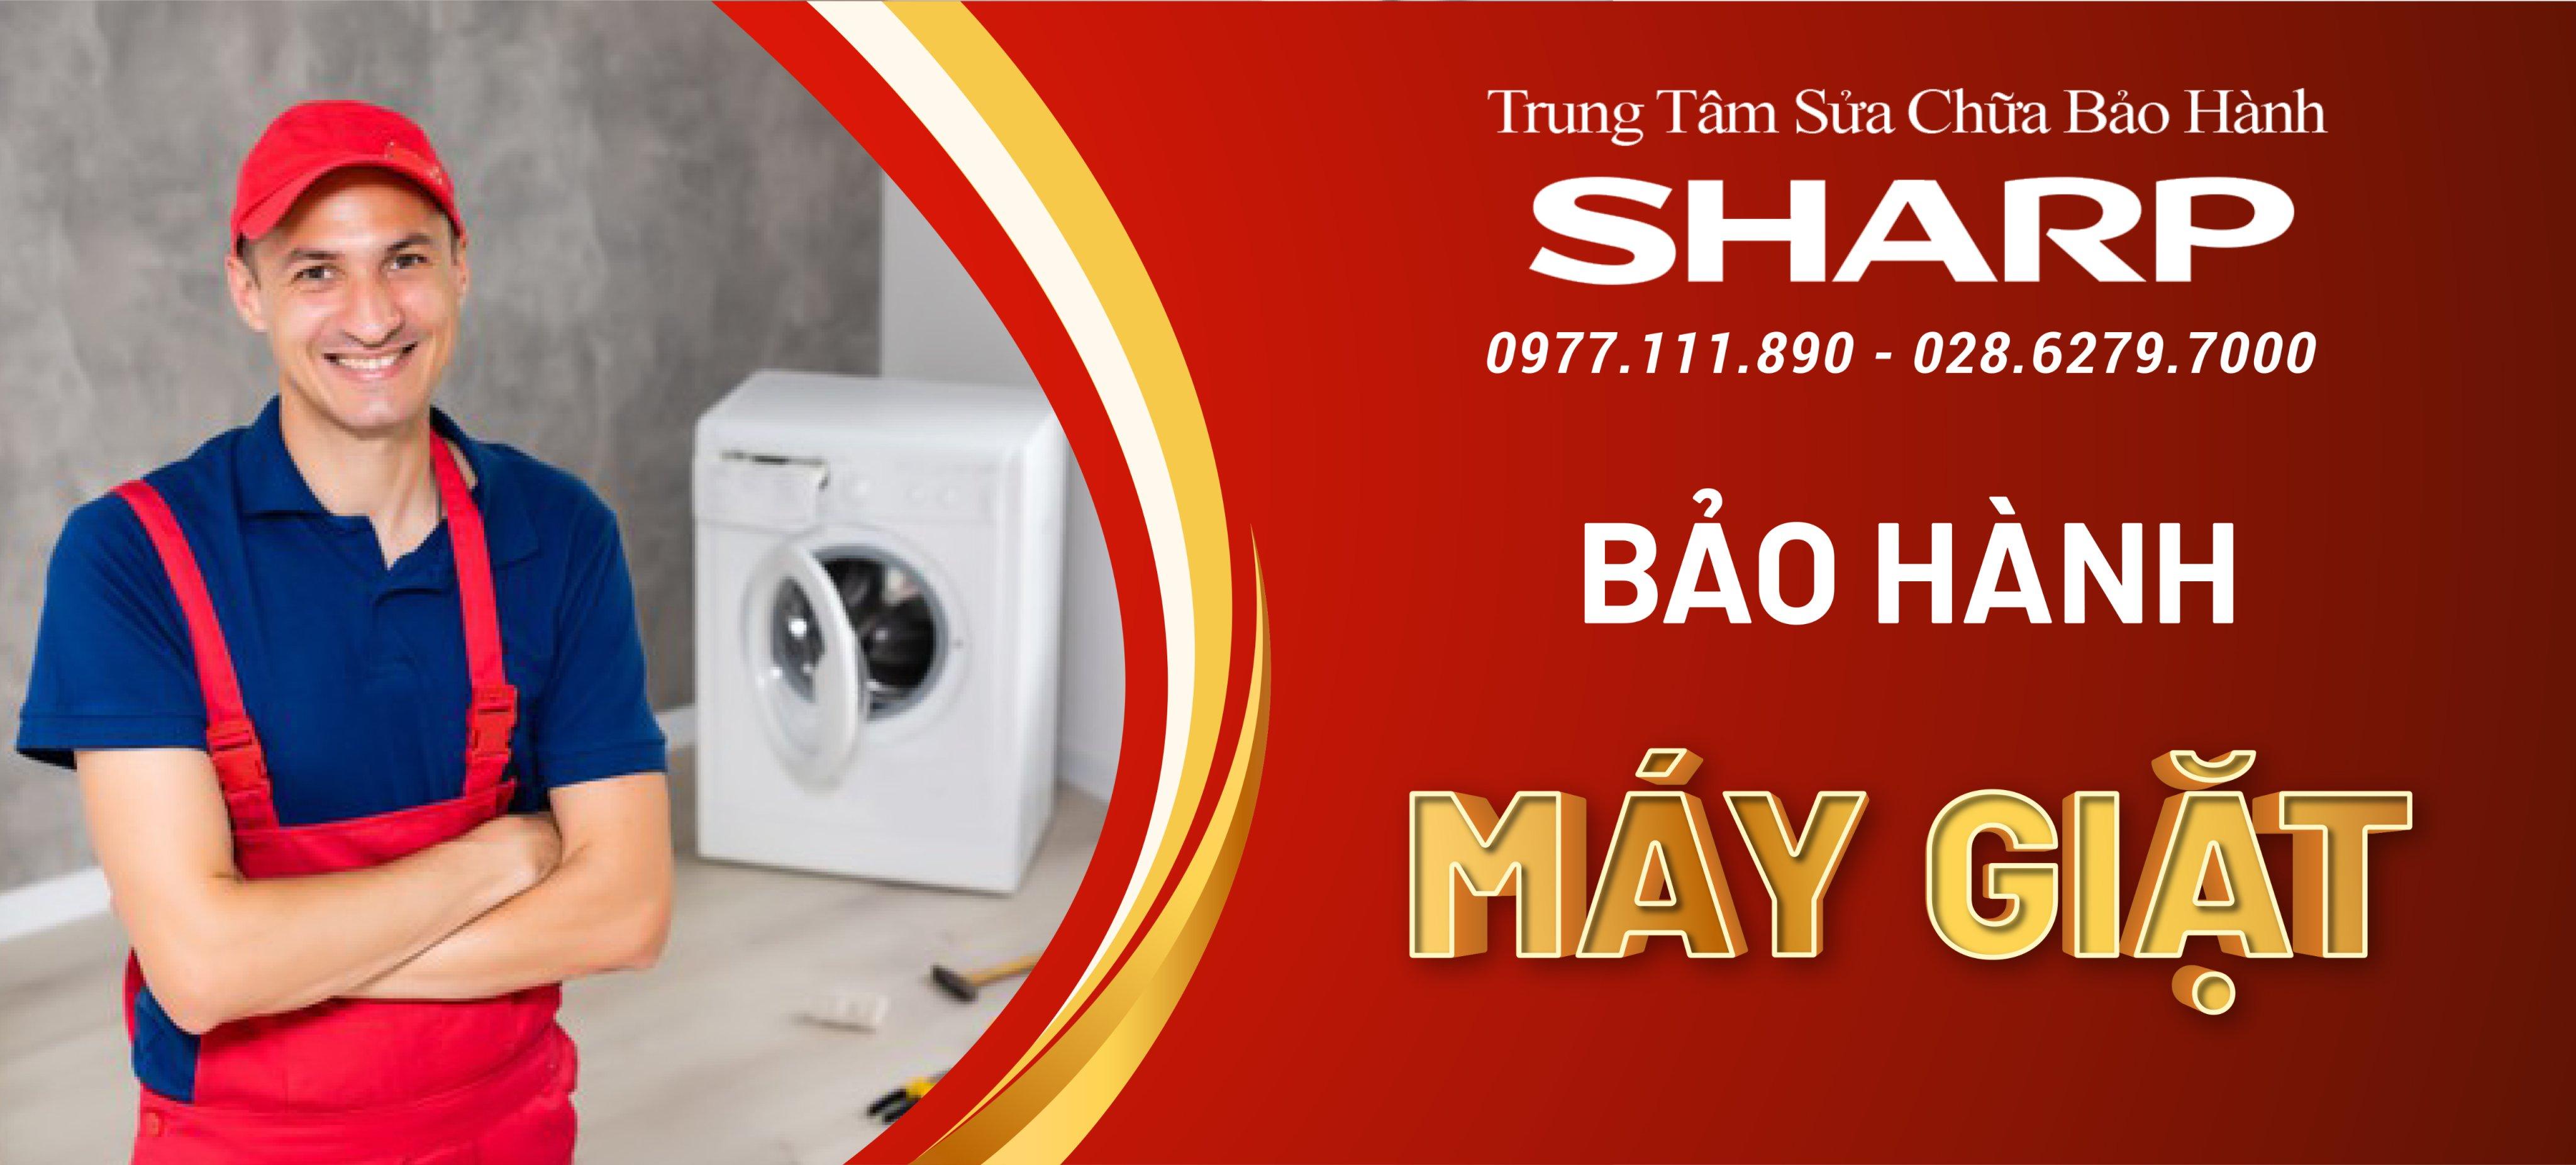 trung tâm bảo hành máy giặt sharp